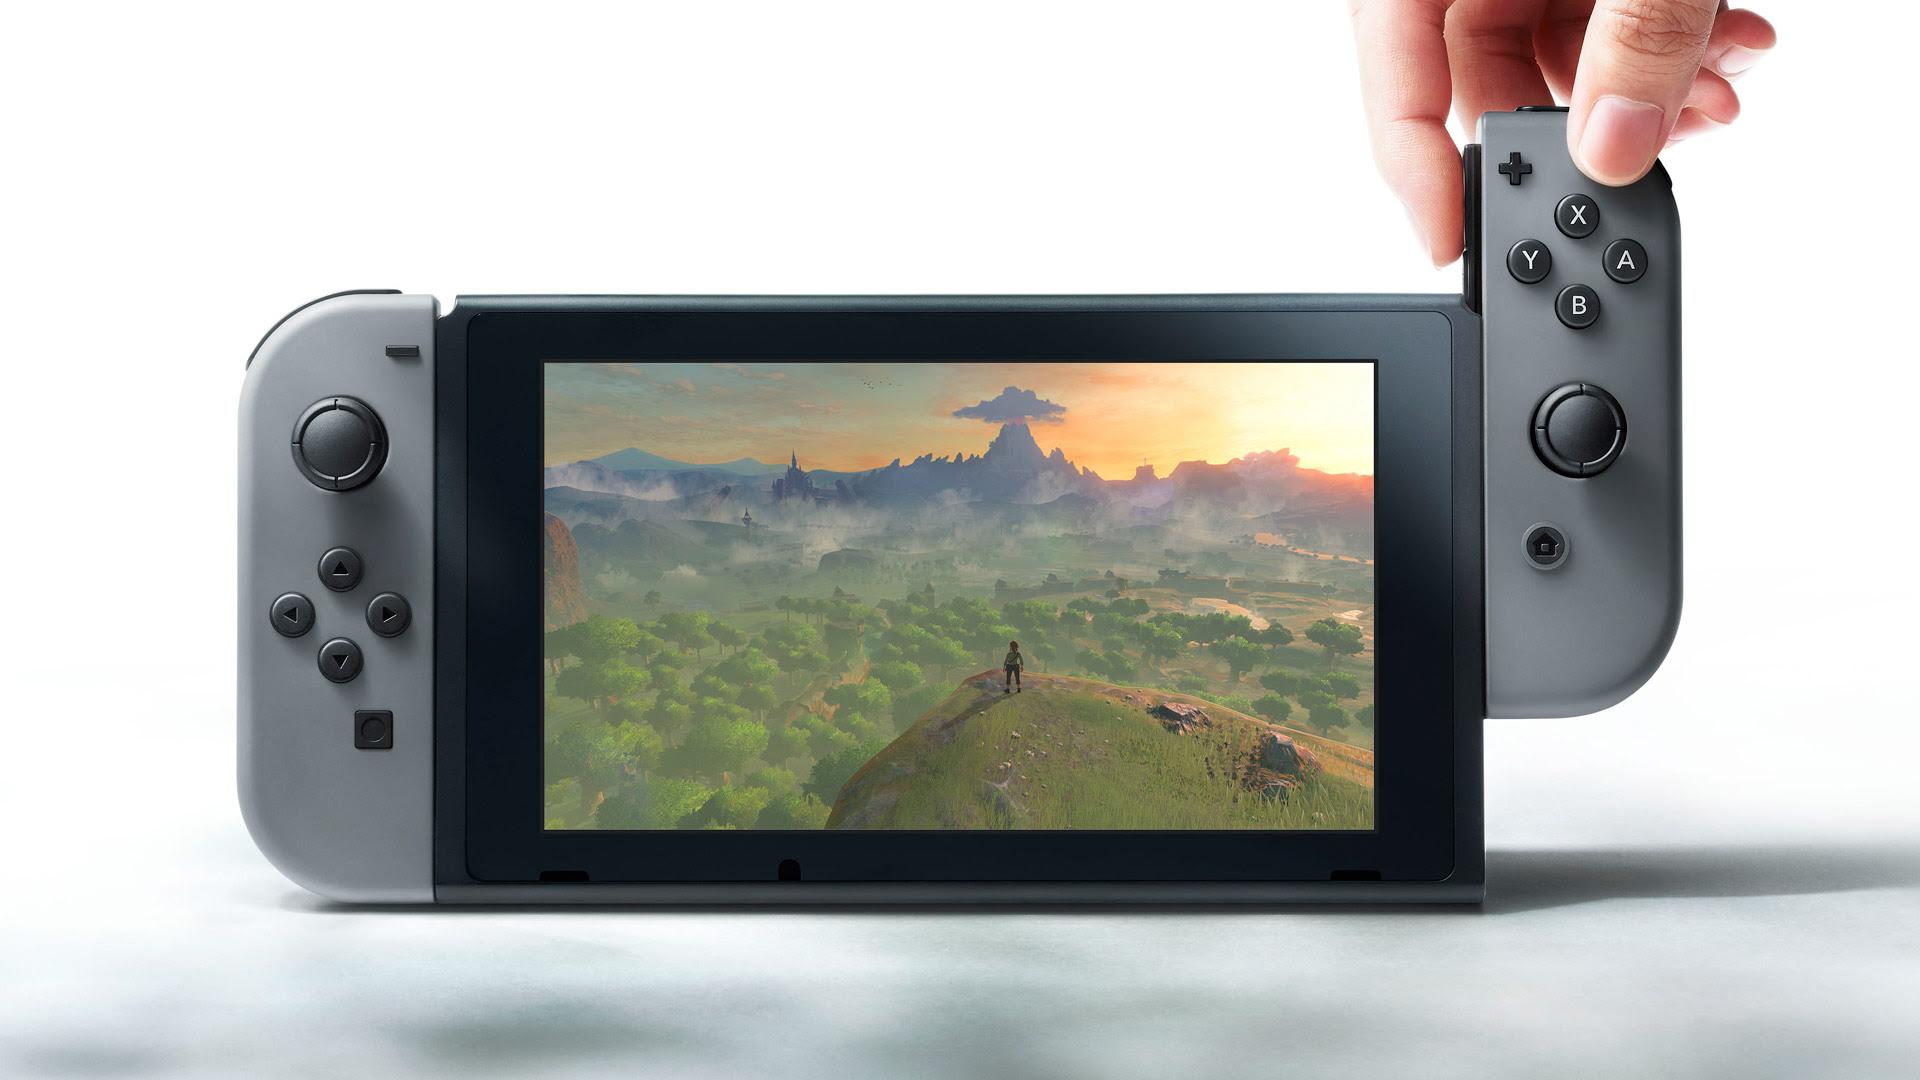 Major Nintendo Switch update adds fixes, new features screenshot